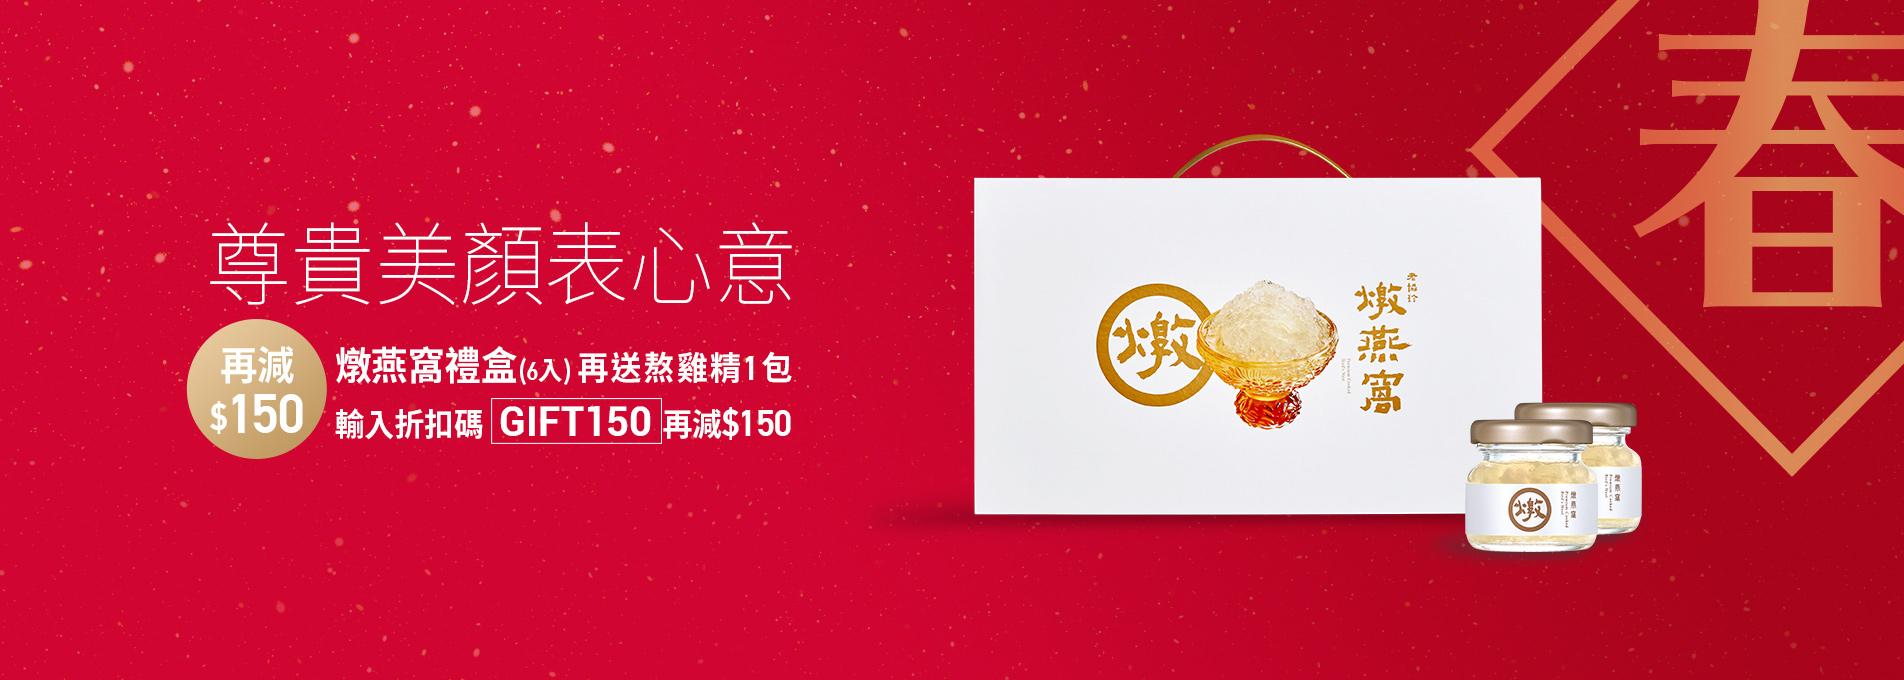 【新春限定】燉燕窩禮盒(6入)